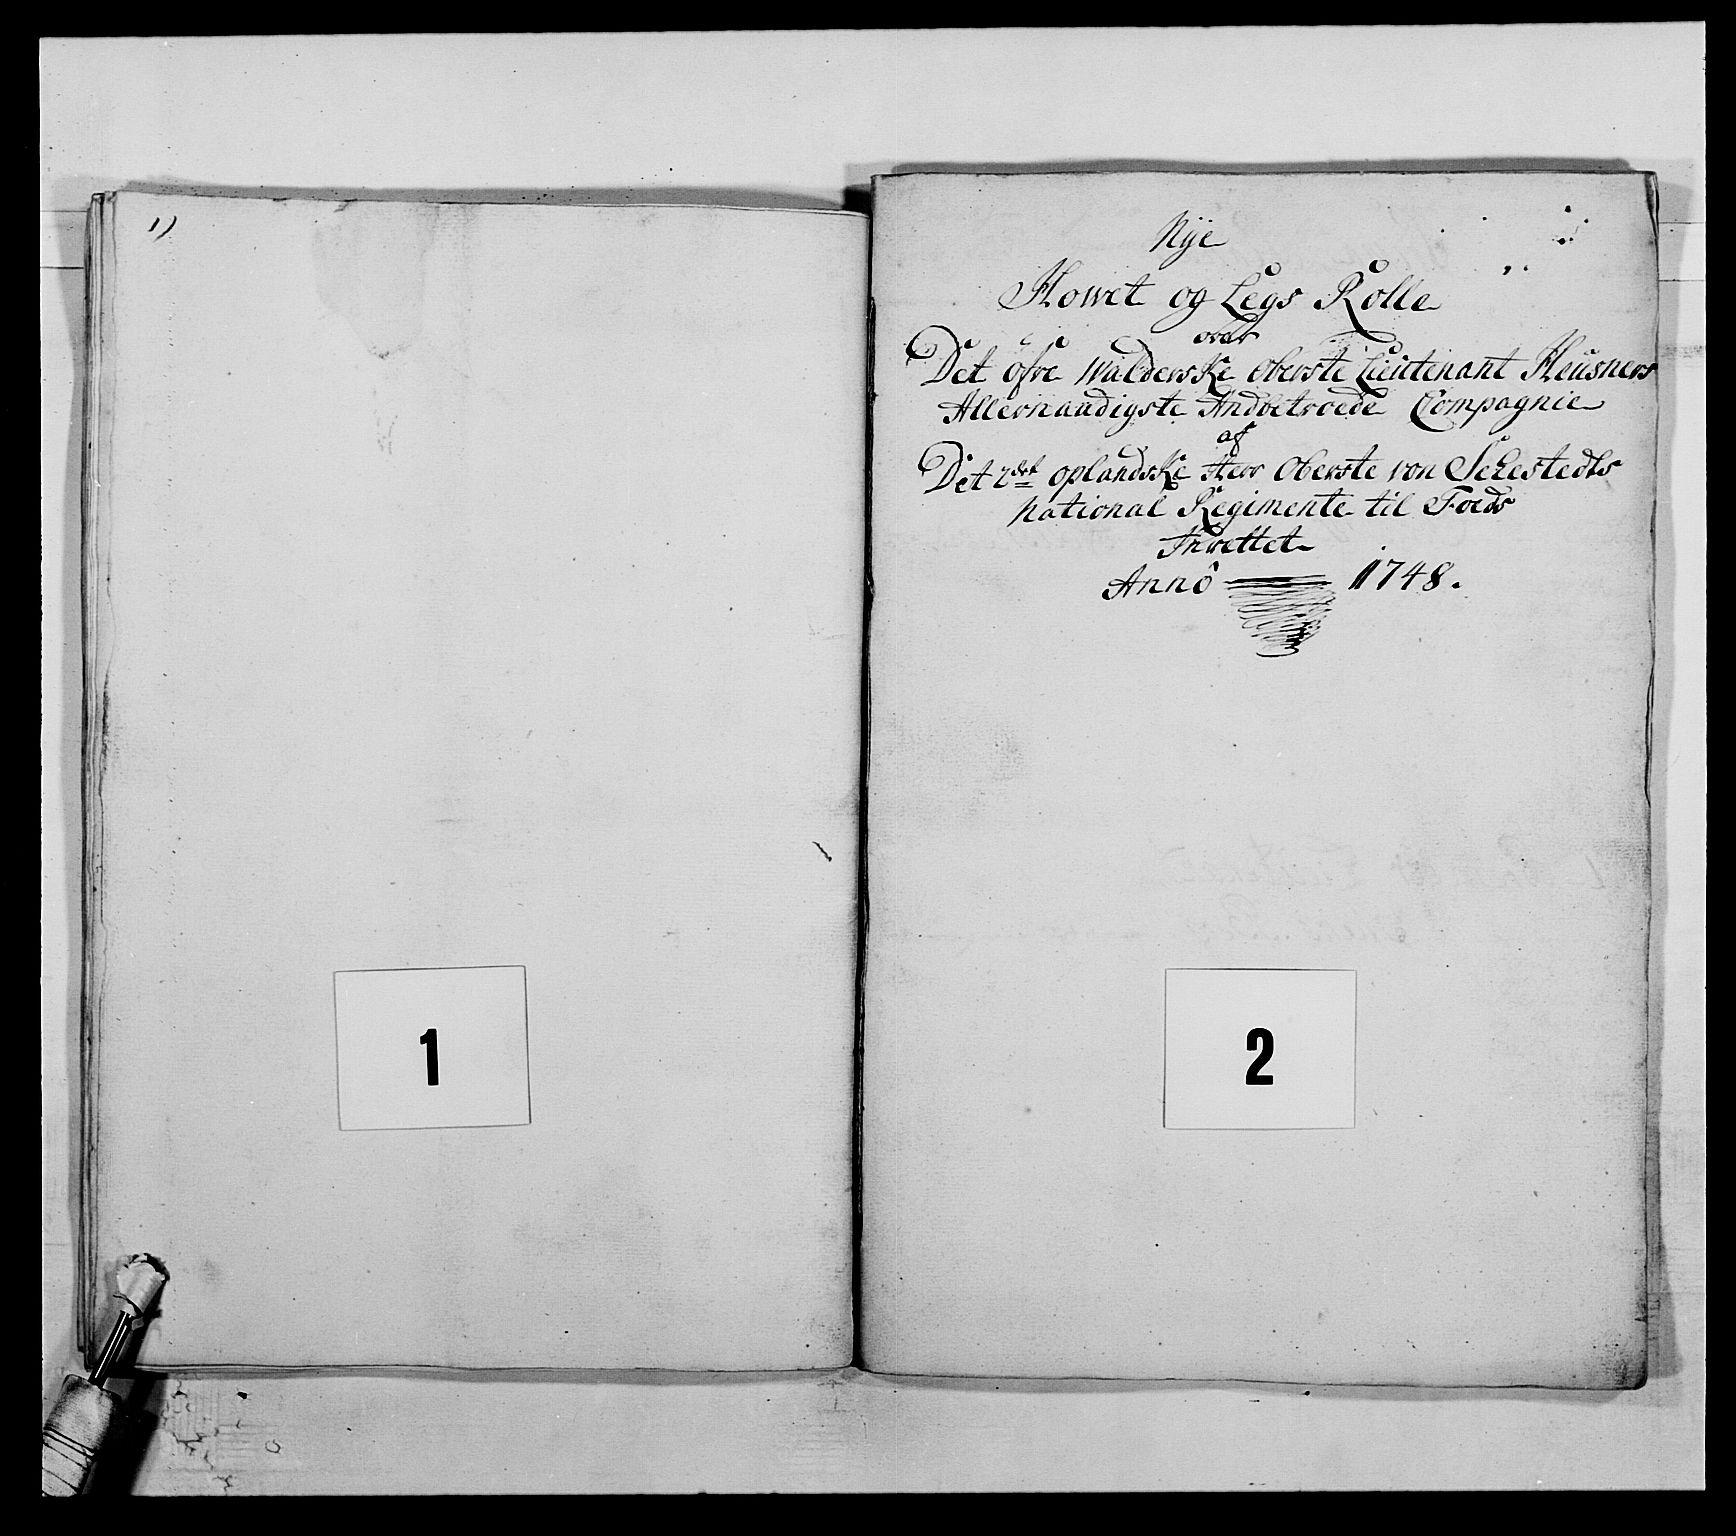 RA, Kommanderende general (KG I) med Det norske krigsdirektorium, E/Ea/L0505: 2. Opplandske regiment, 1748, s. 35